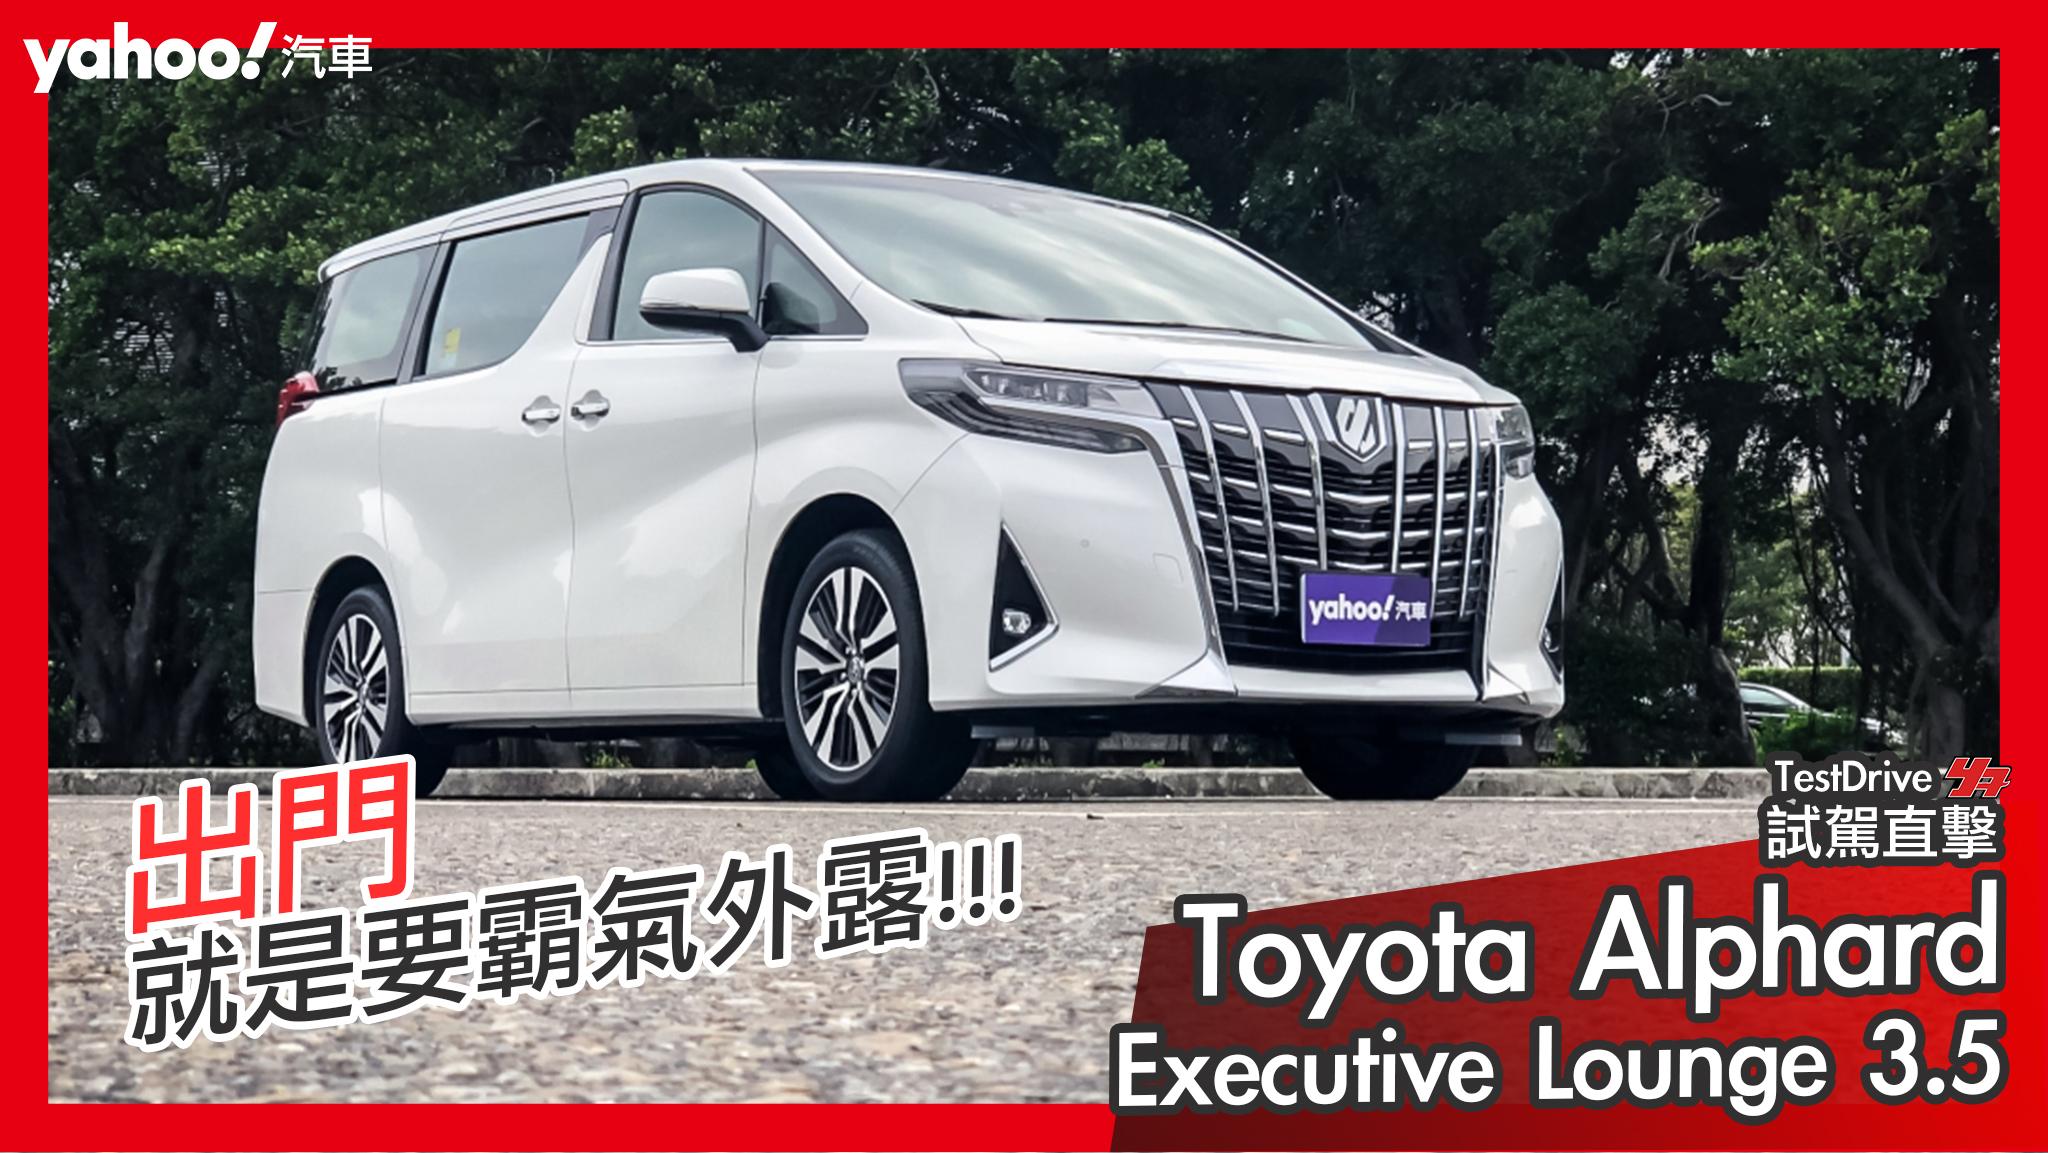 【試駕直擊】氣勢先決的VIP級商旅!2020 Toyota Alphard Executive Lounge 3.5新竹禮賓試駕!